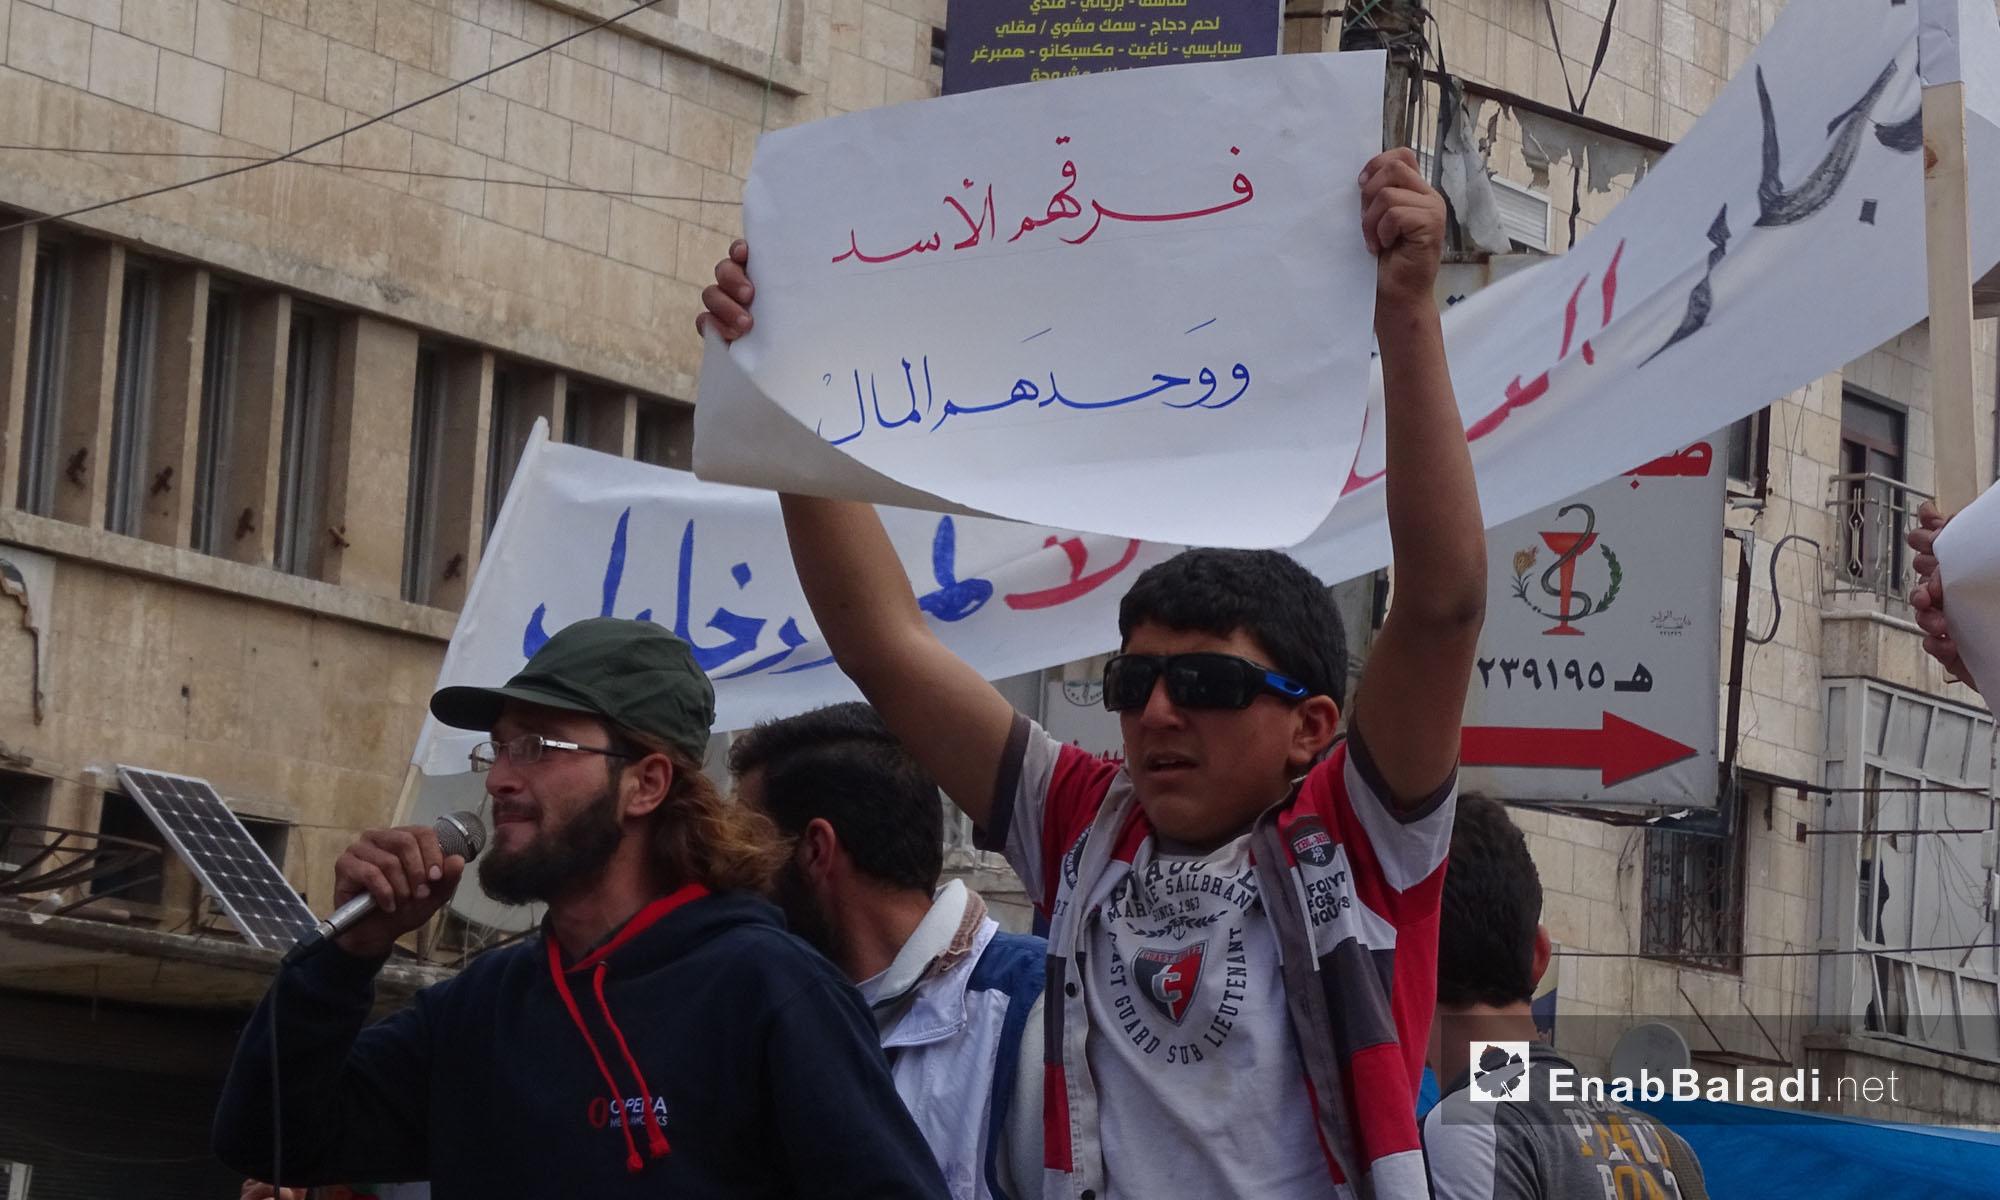 """طفل يحمل لافتة تُندد باتفاق """"المدن الخمس"""" في إدلب - 23 نيسان 2017 (عنب بلدي)"""